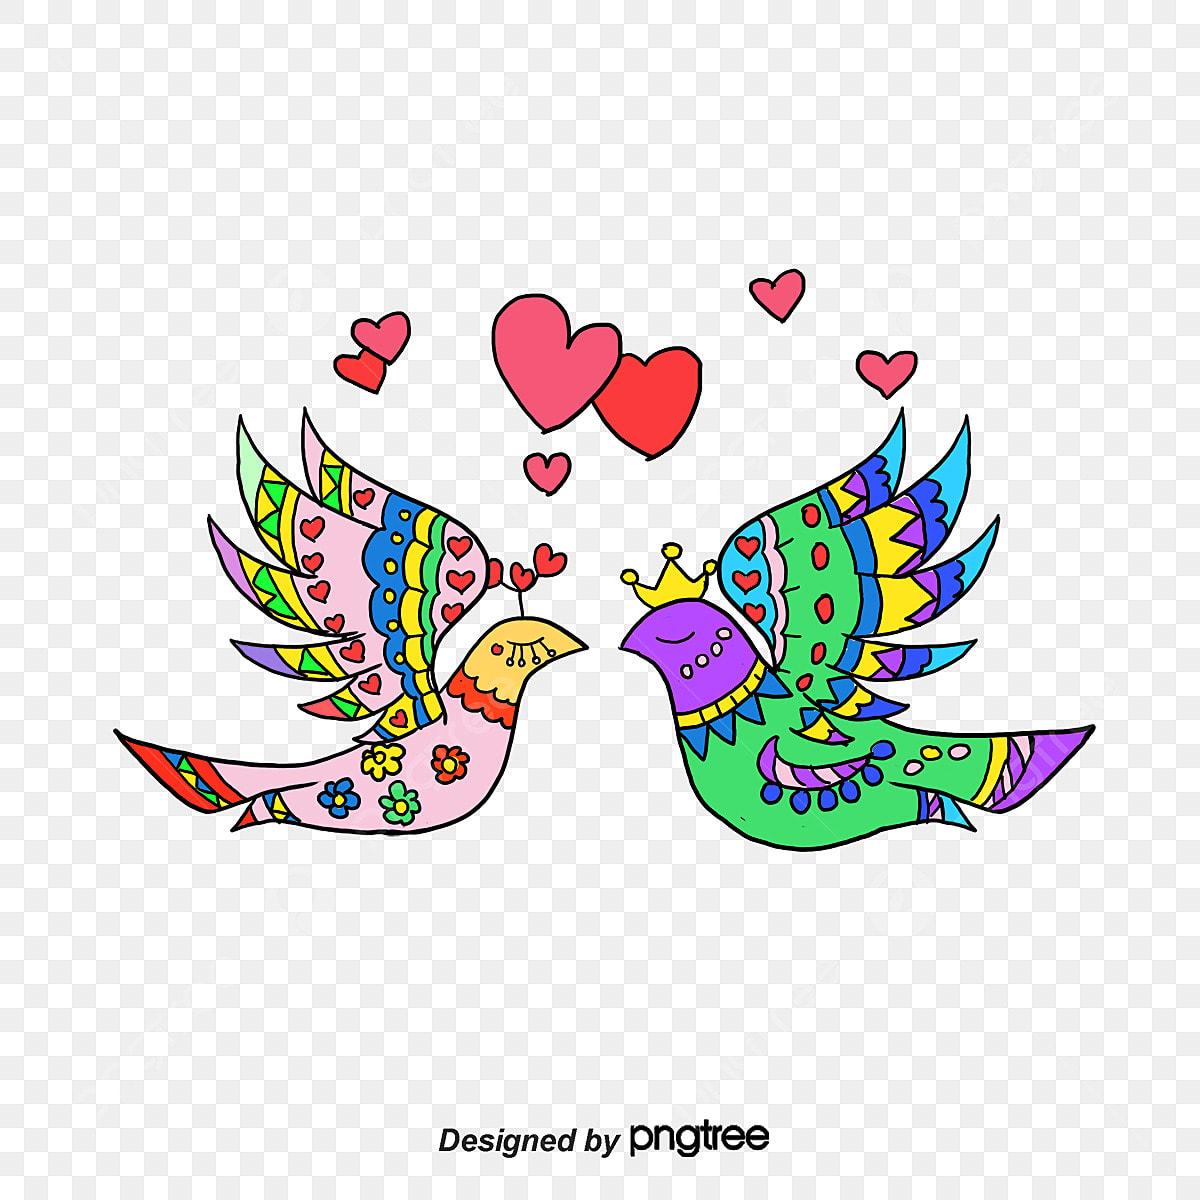 Desenhos Desenho De Passarinhos Animal Animais Pintados à